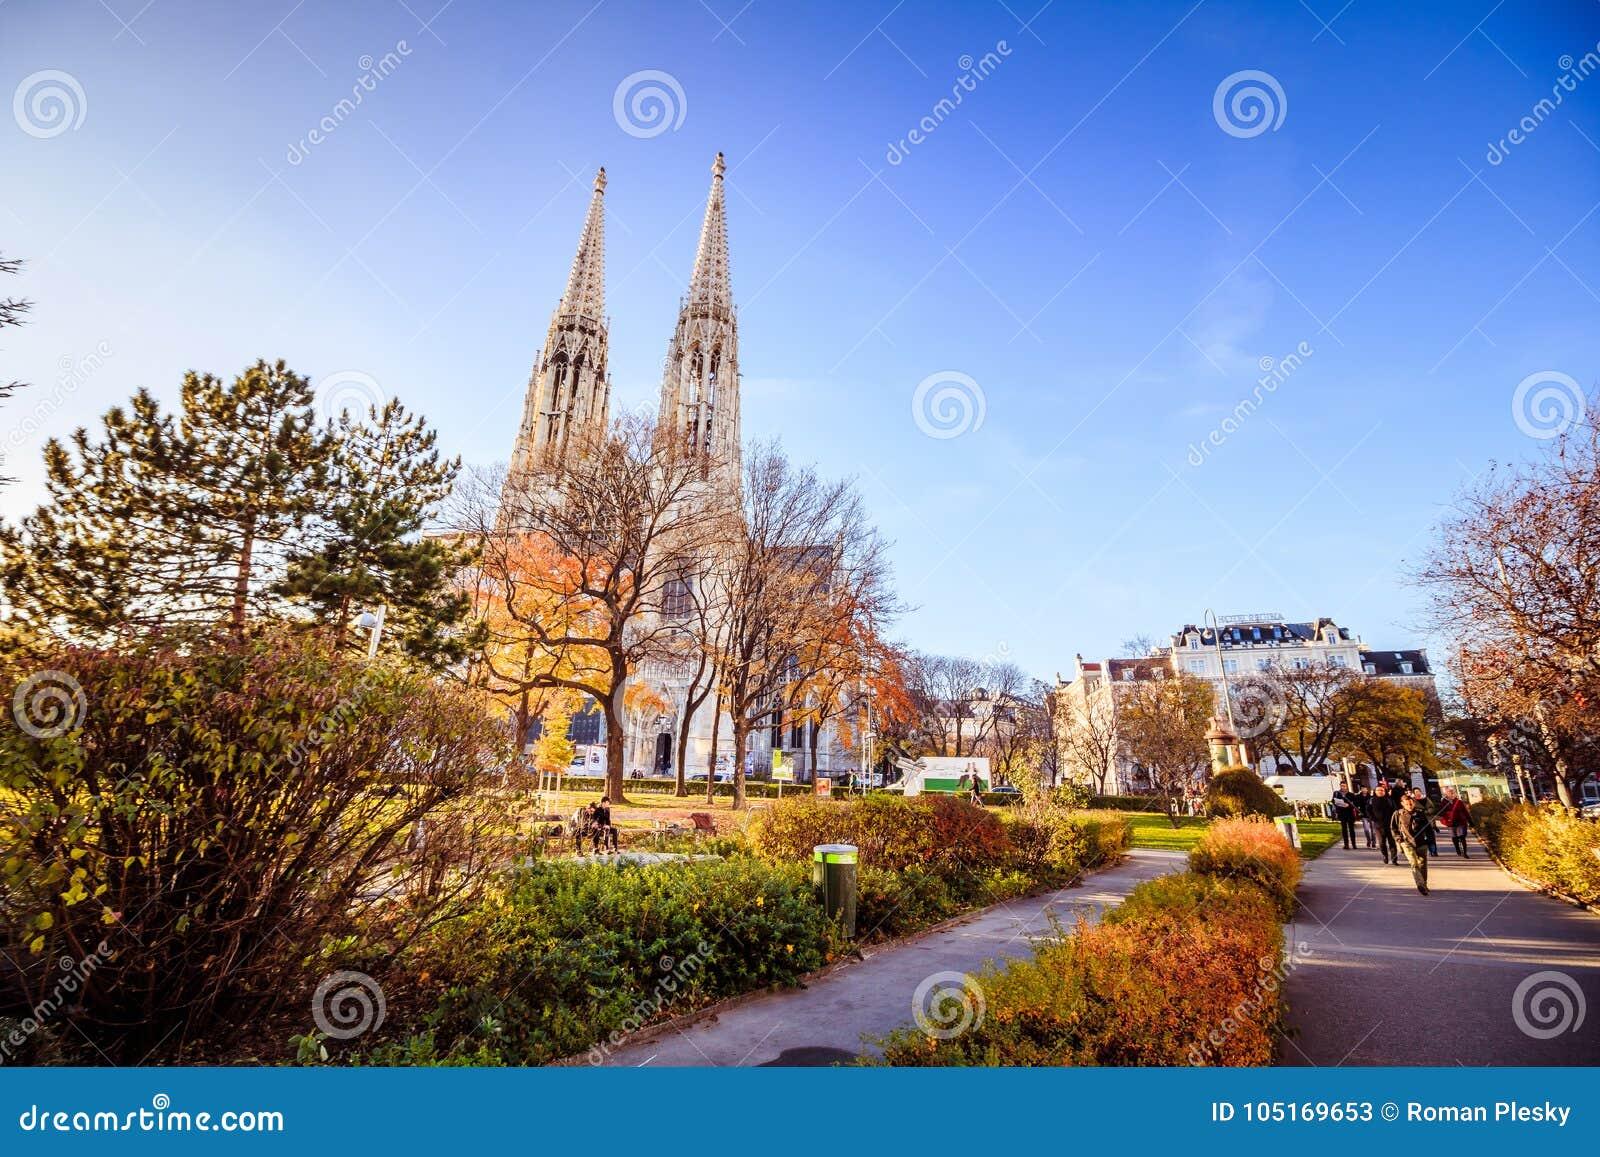 Votiv kościół w Sigmund Freud parku w Wiedeń, Austria